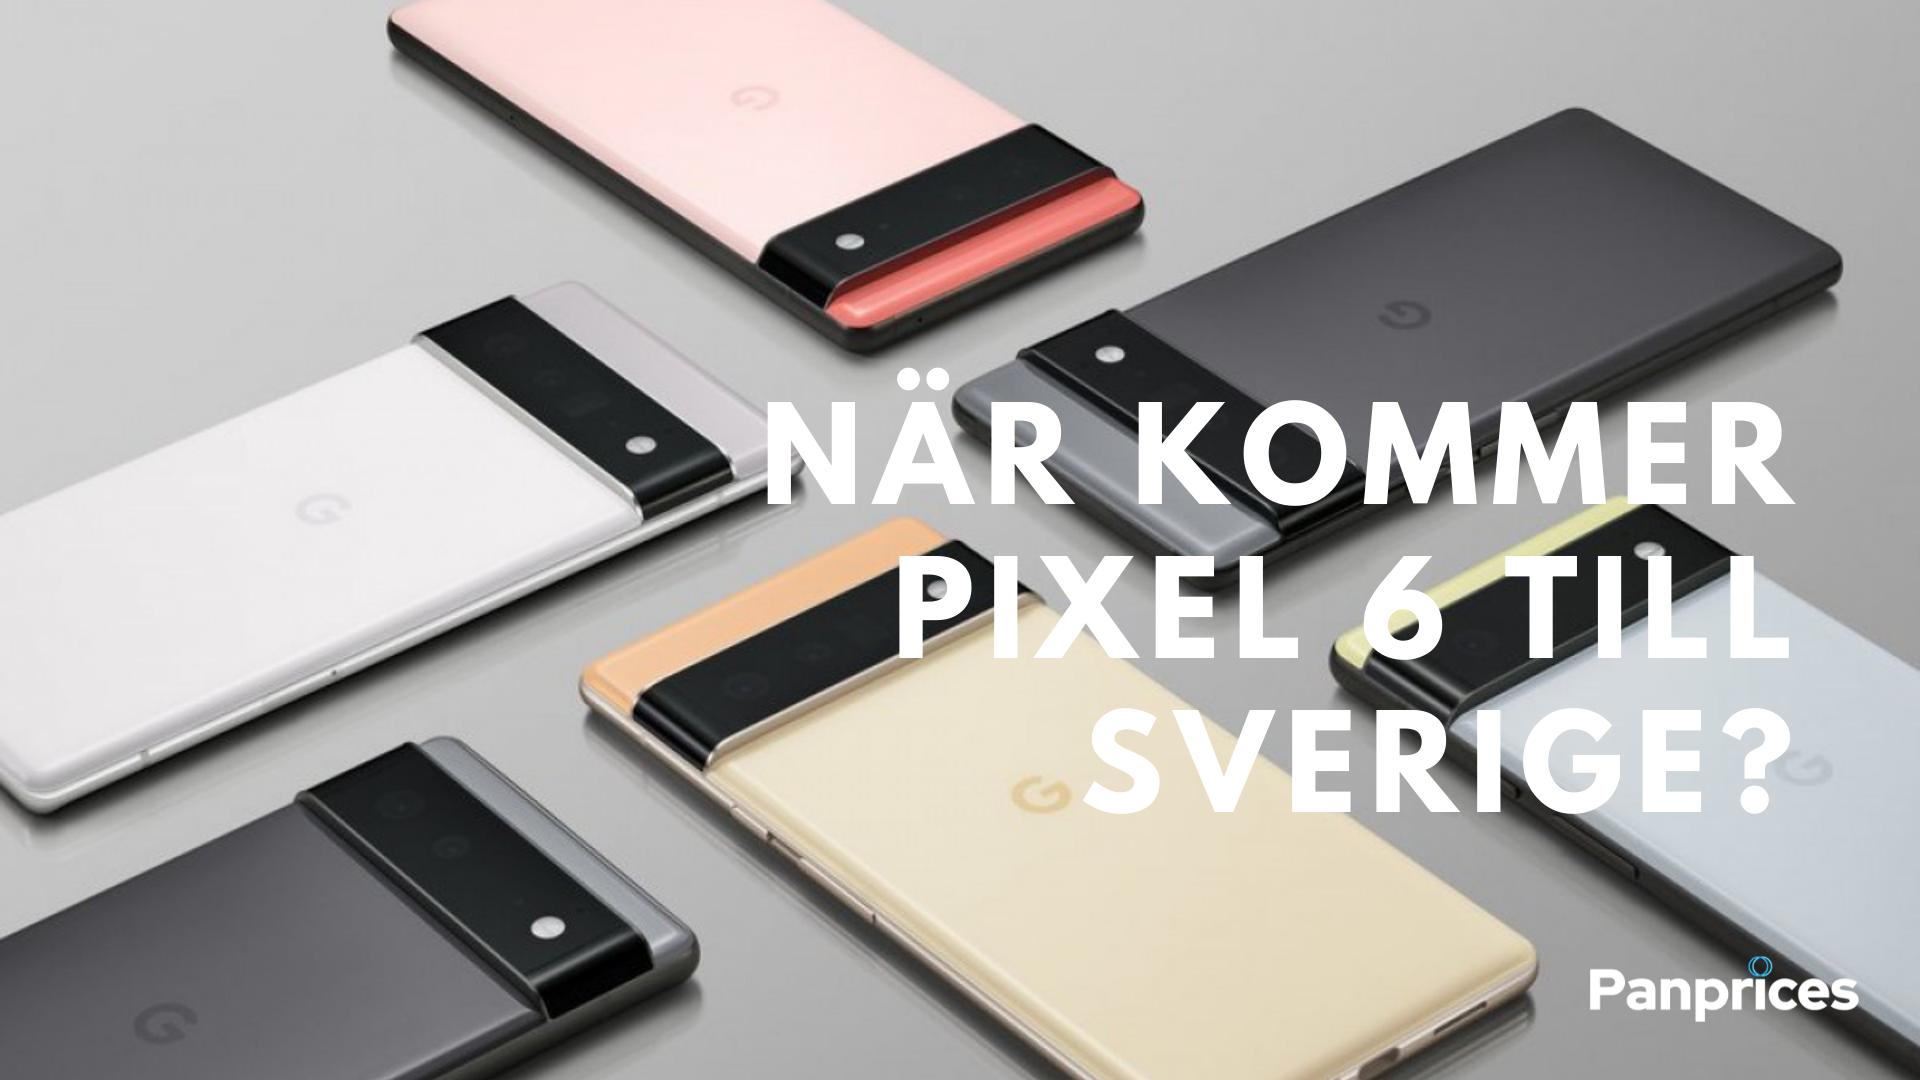 When will Pixel 6 arrive in Sweden?